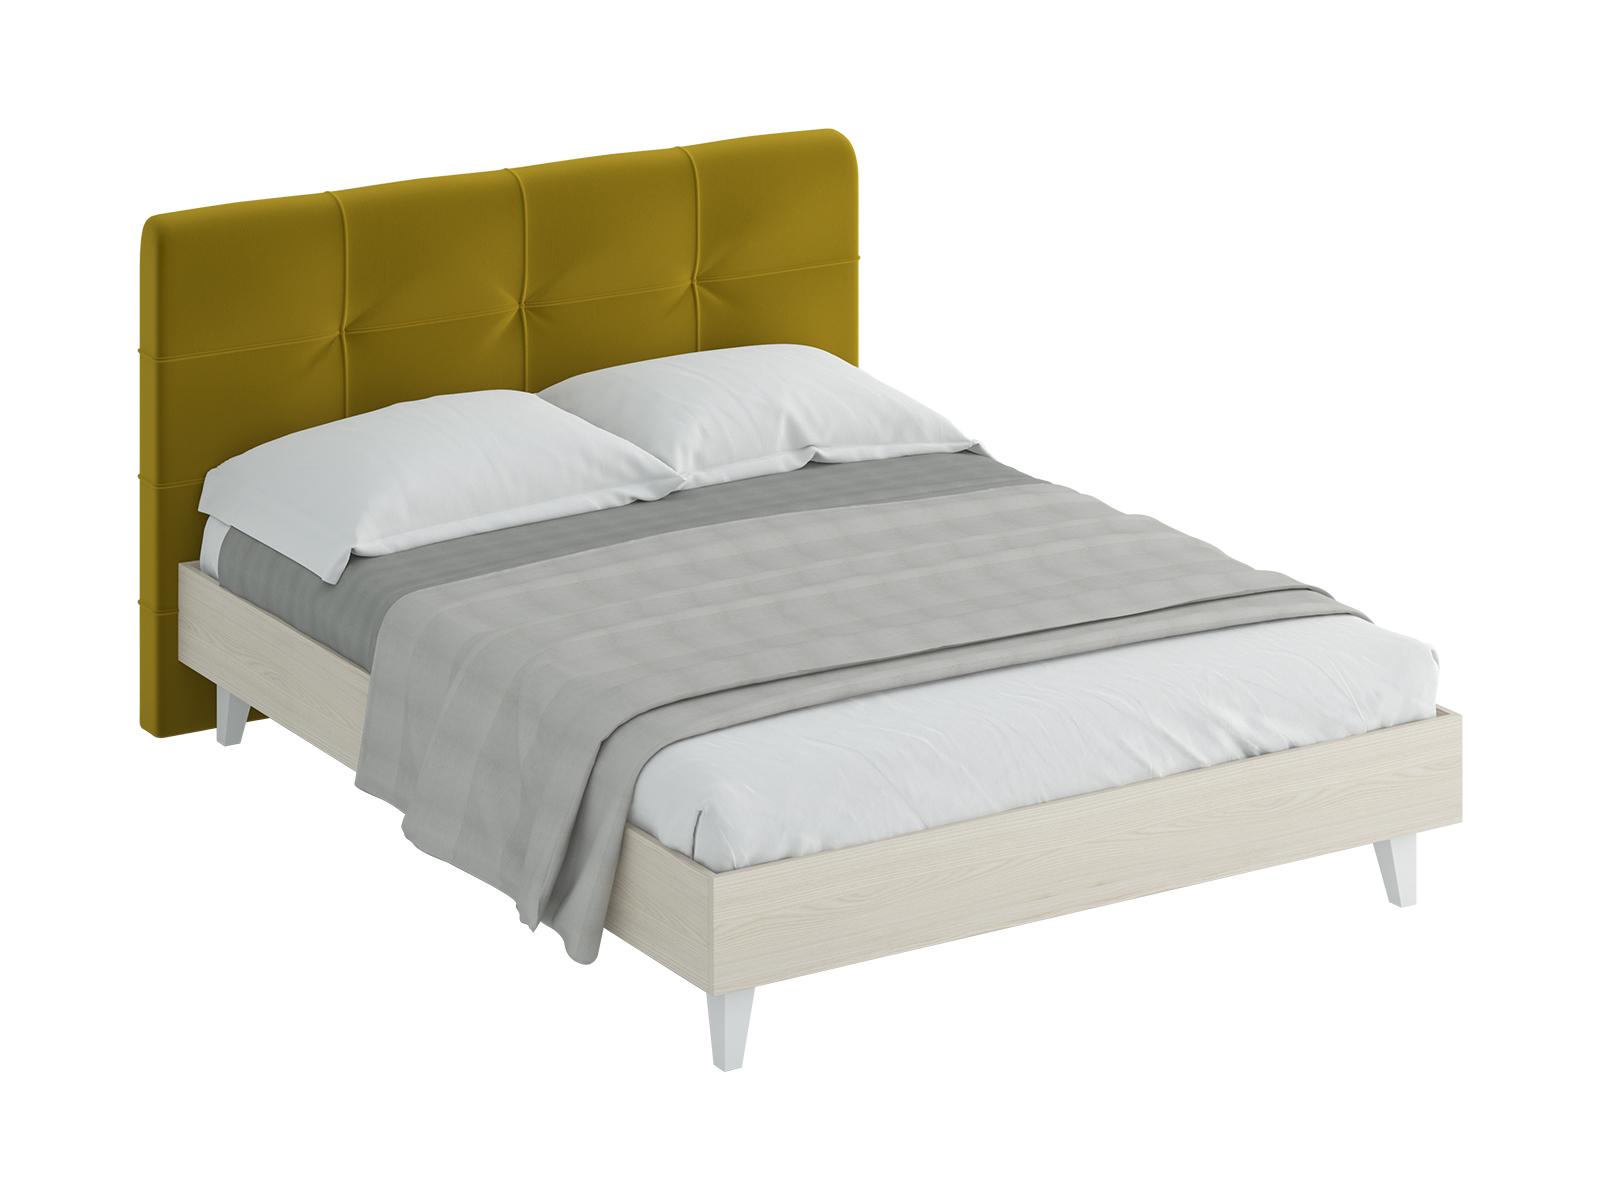 Кровать Queen AnnaКровати<br>Кровать двуспальная.  Спинка кровати оформлена декоративной строчкой. Размер спального места: 1600х2000 мм.<br>